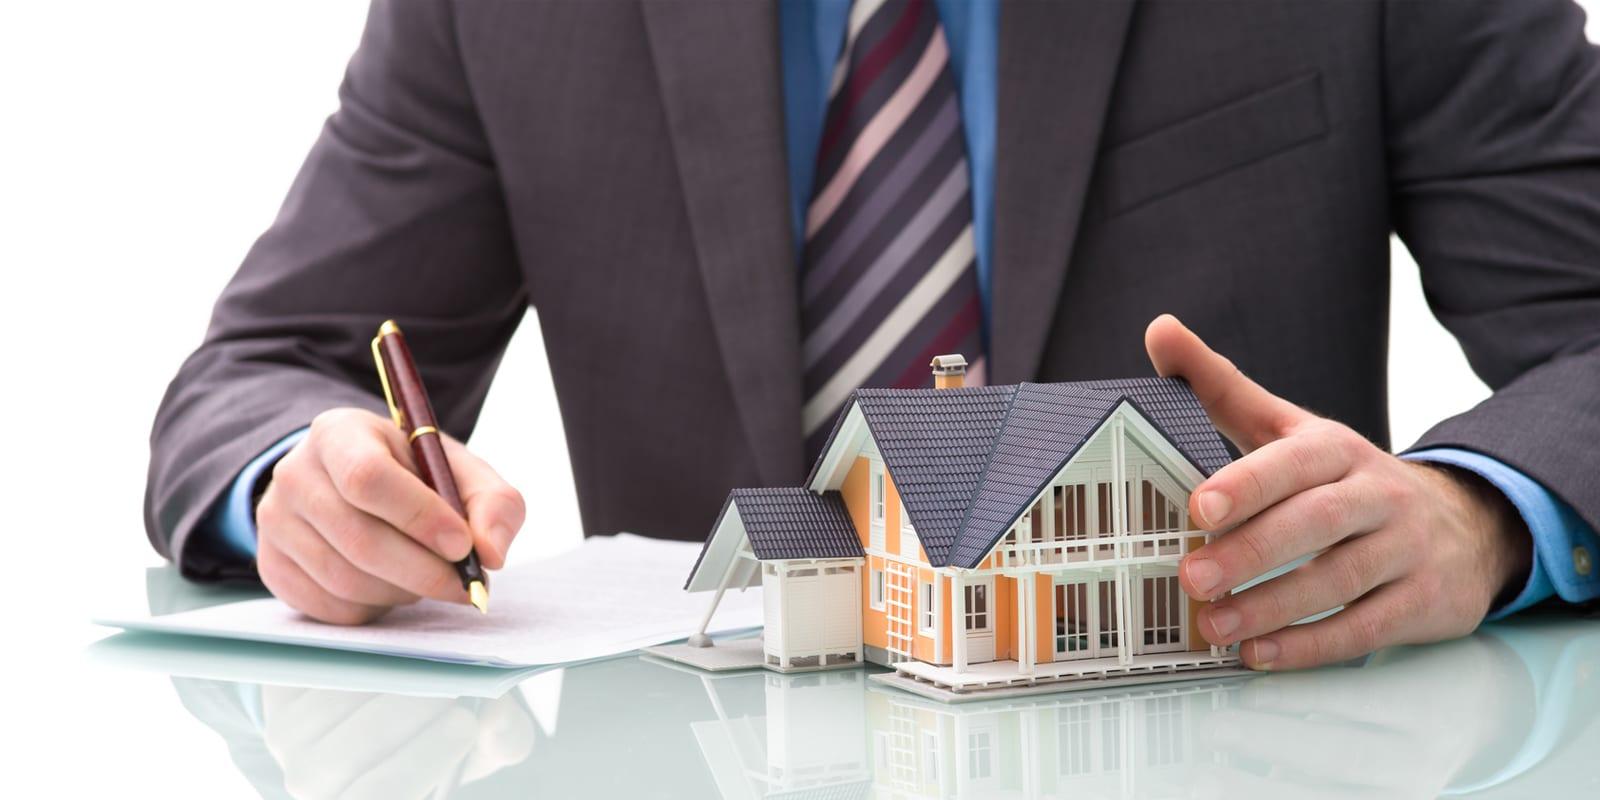 Résilitation d'un contrat d'assurance